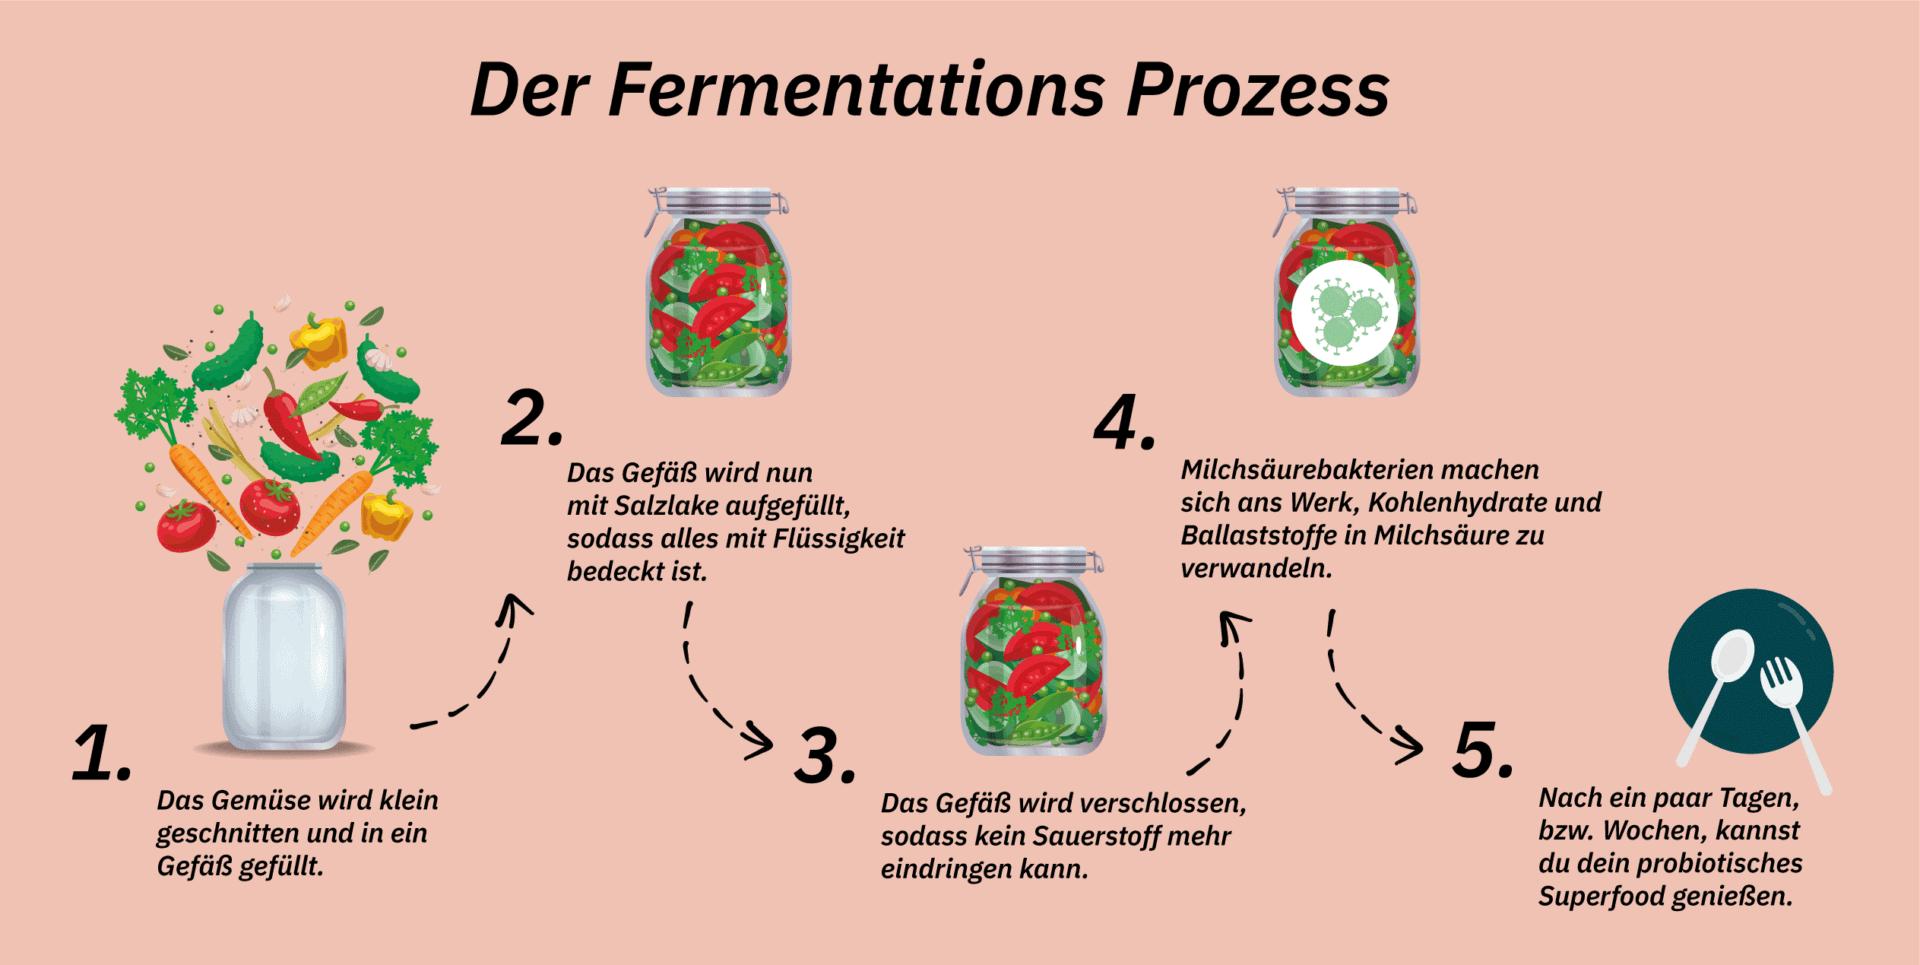 Grafik zum Fermentationsprozess